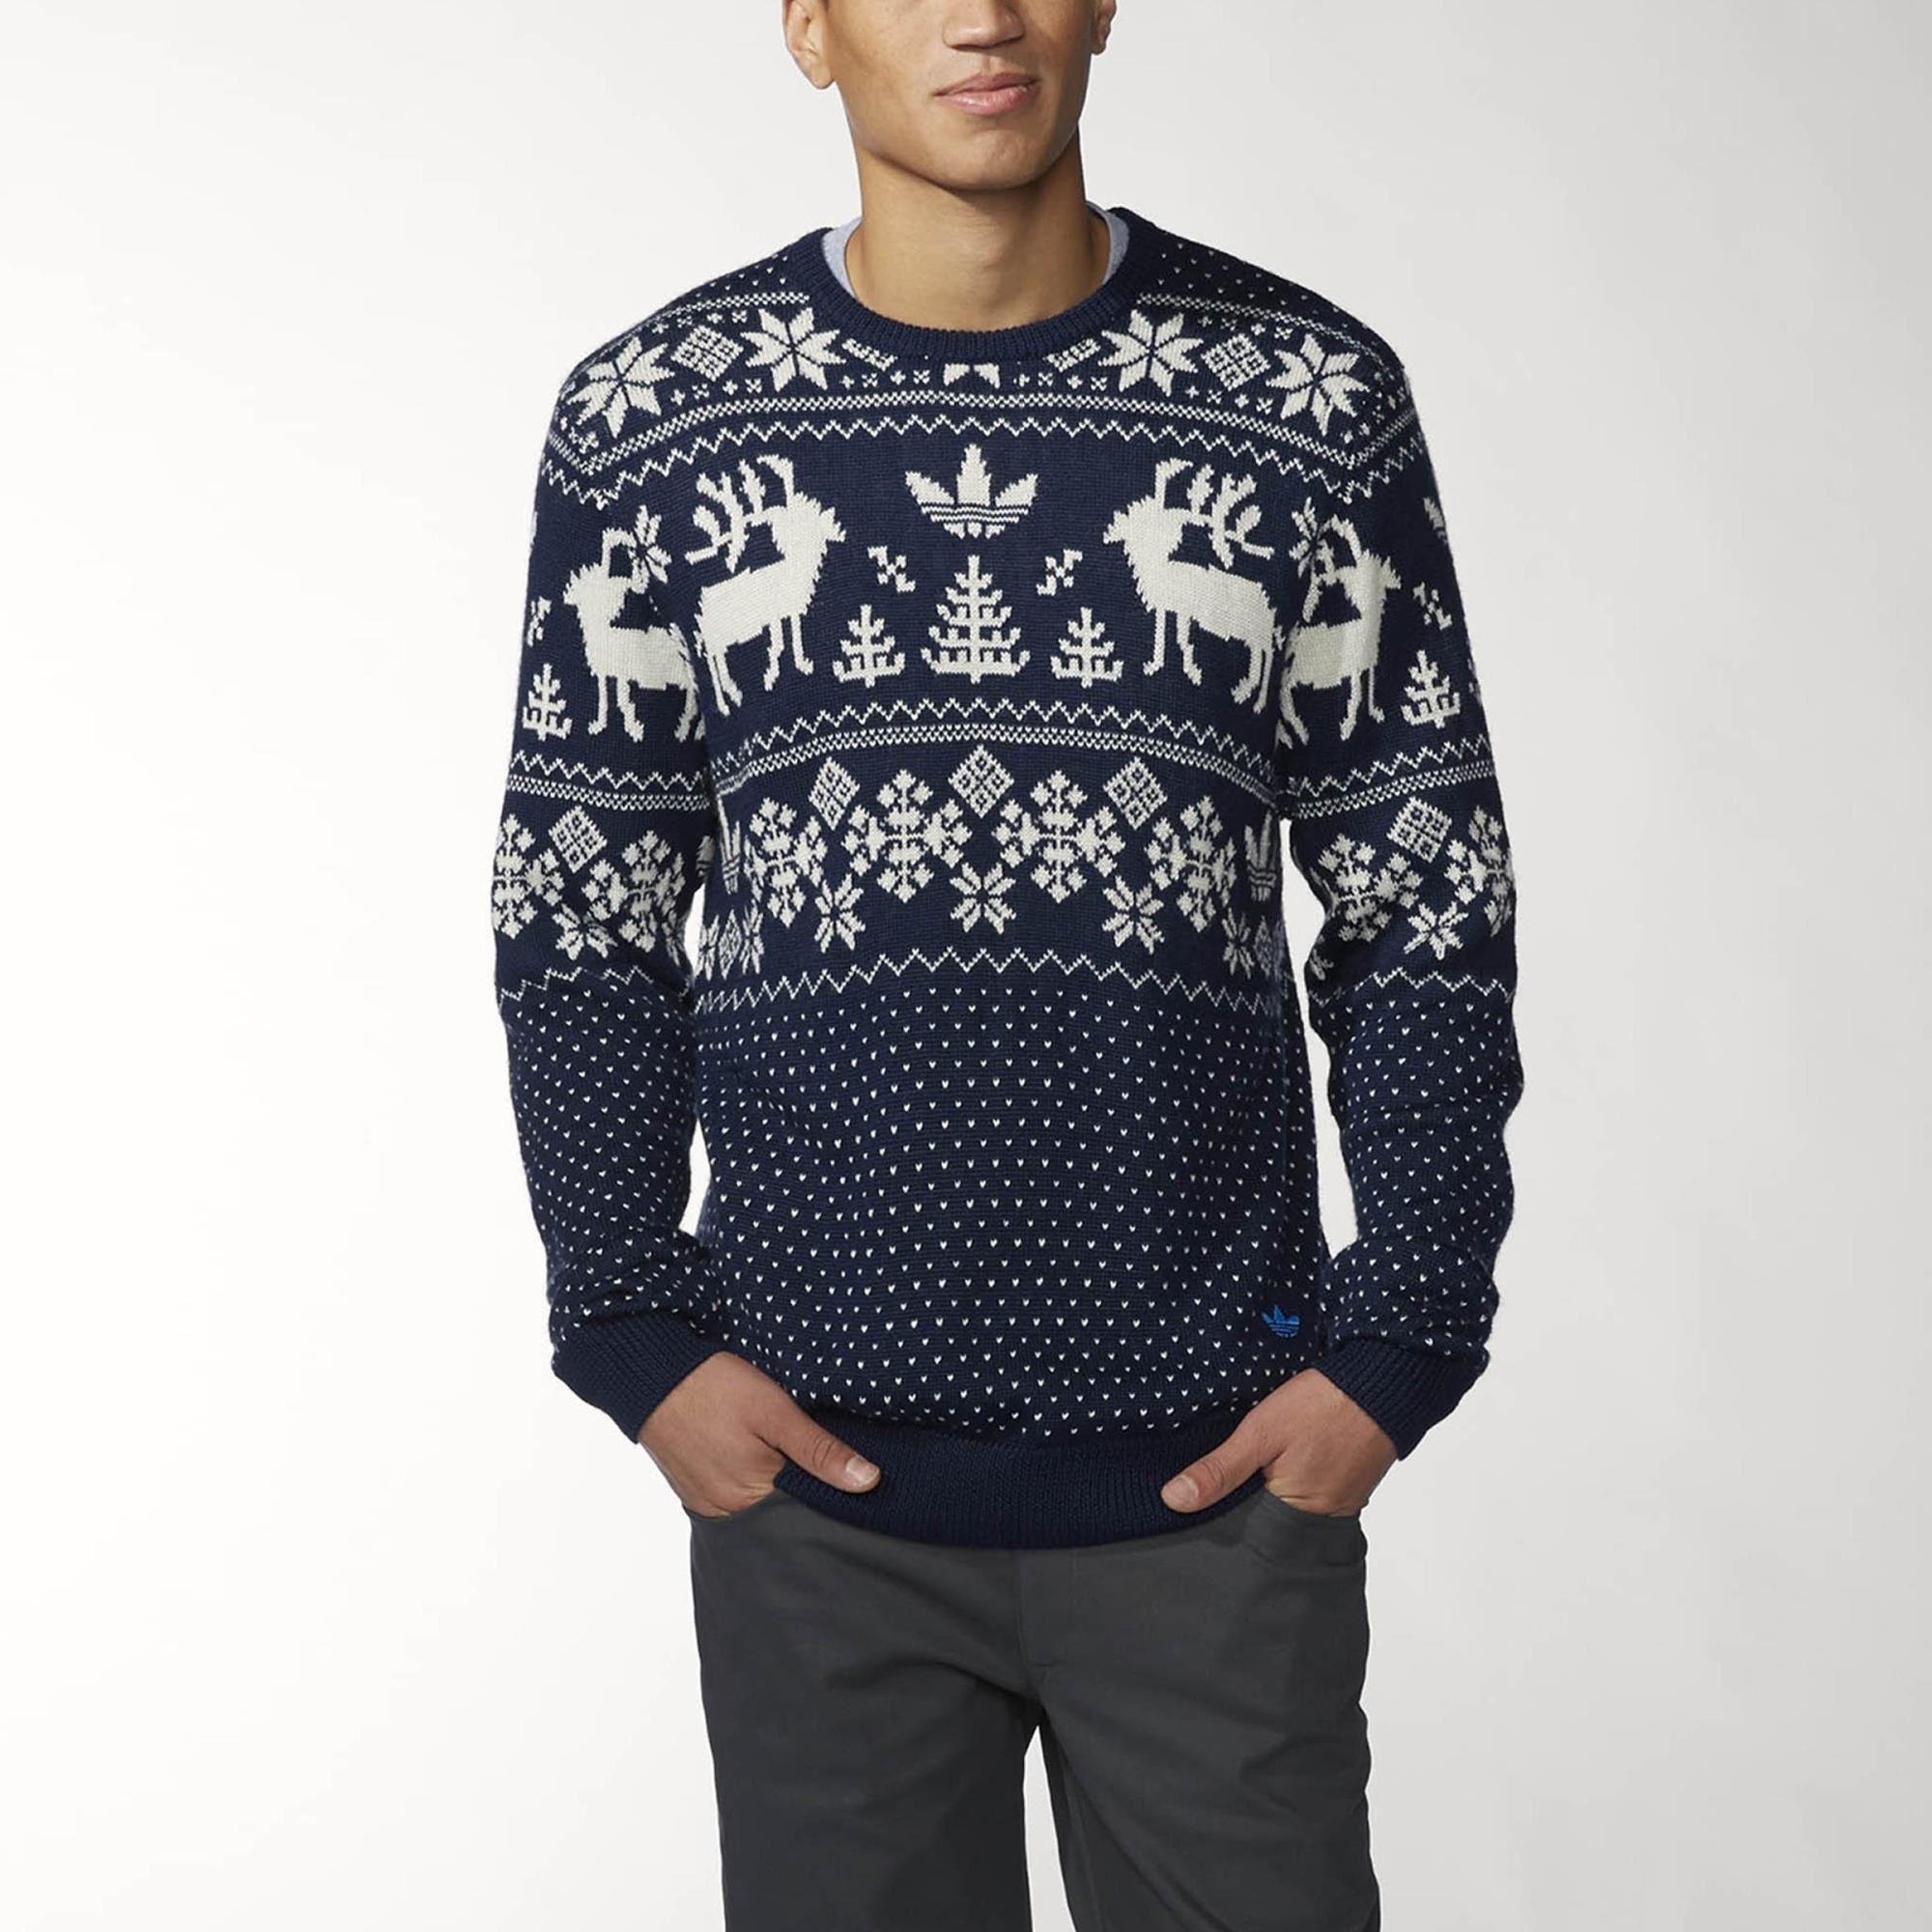 Tan rápido como un flash reinado gerente  adidas Nordic Sweater | adidas US | Nordic sweater, Clothes, Sweaters